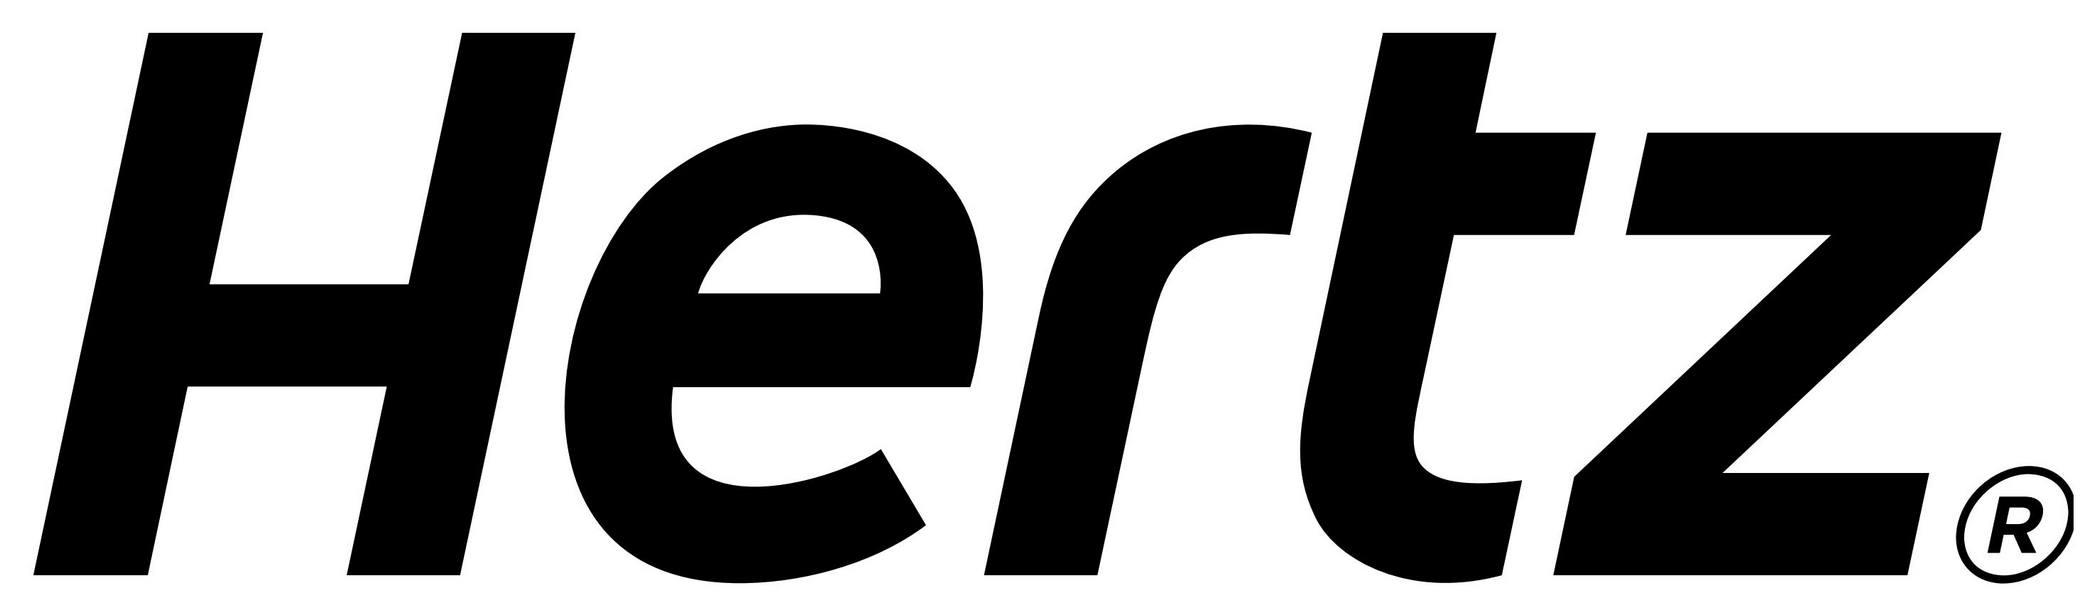 Hertz Logo Download Vector.